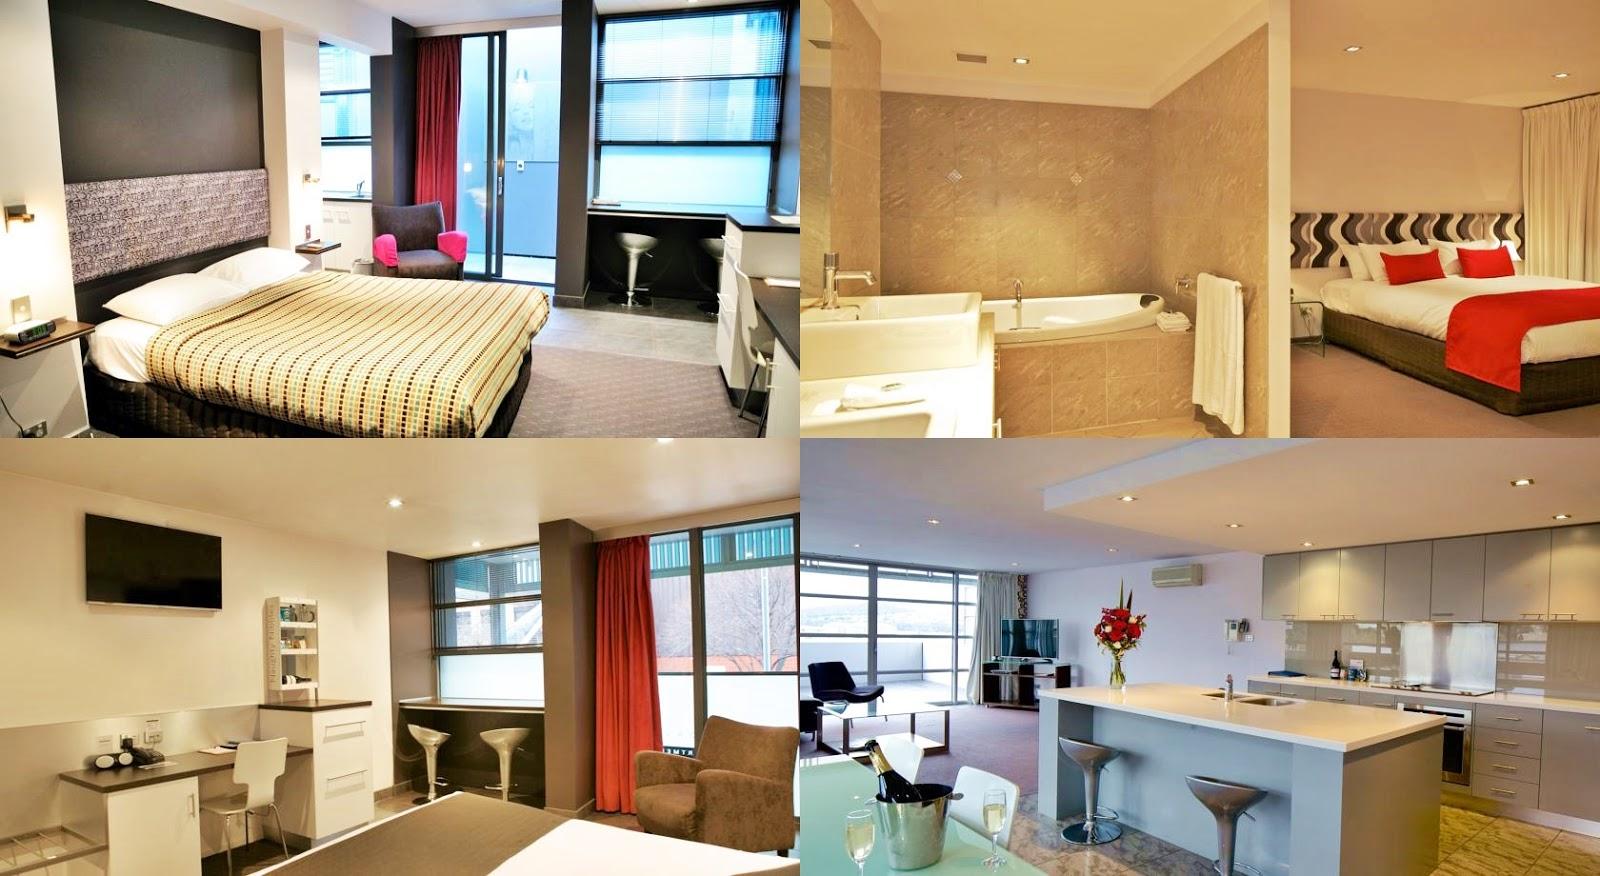 塔斯馬尼亞-住宿-推薦-澤羅戴維精品公寓酒店-Zero-Davey-Boutique-旅館-飯店-酒店-民宿-公寓-澳洲-Tasmania-Hotel-Apartment-Accommodation-Australia